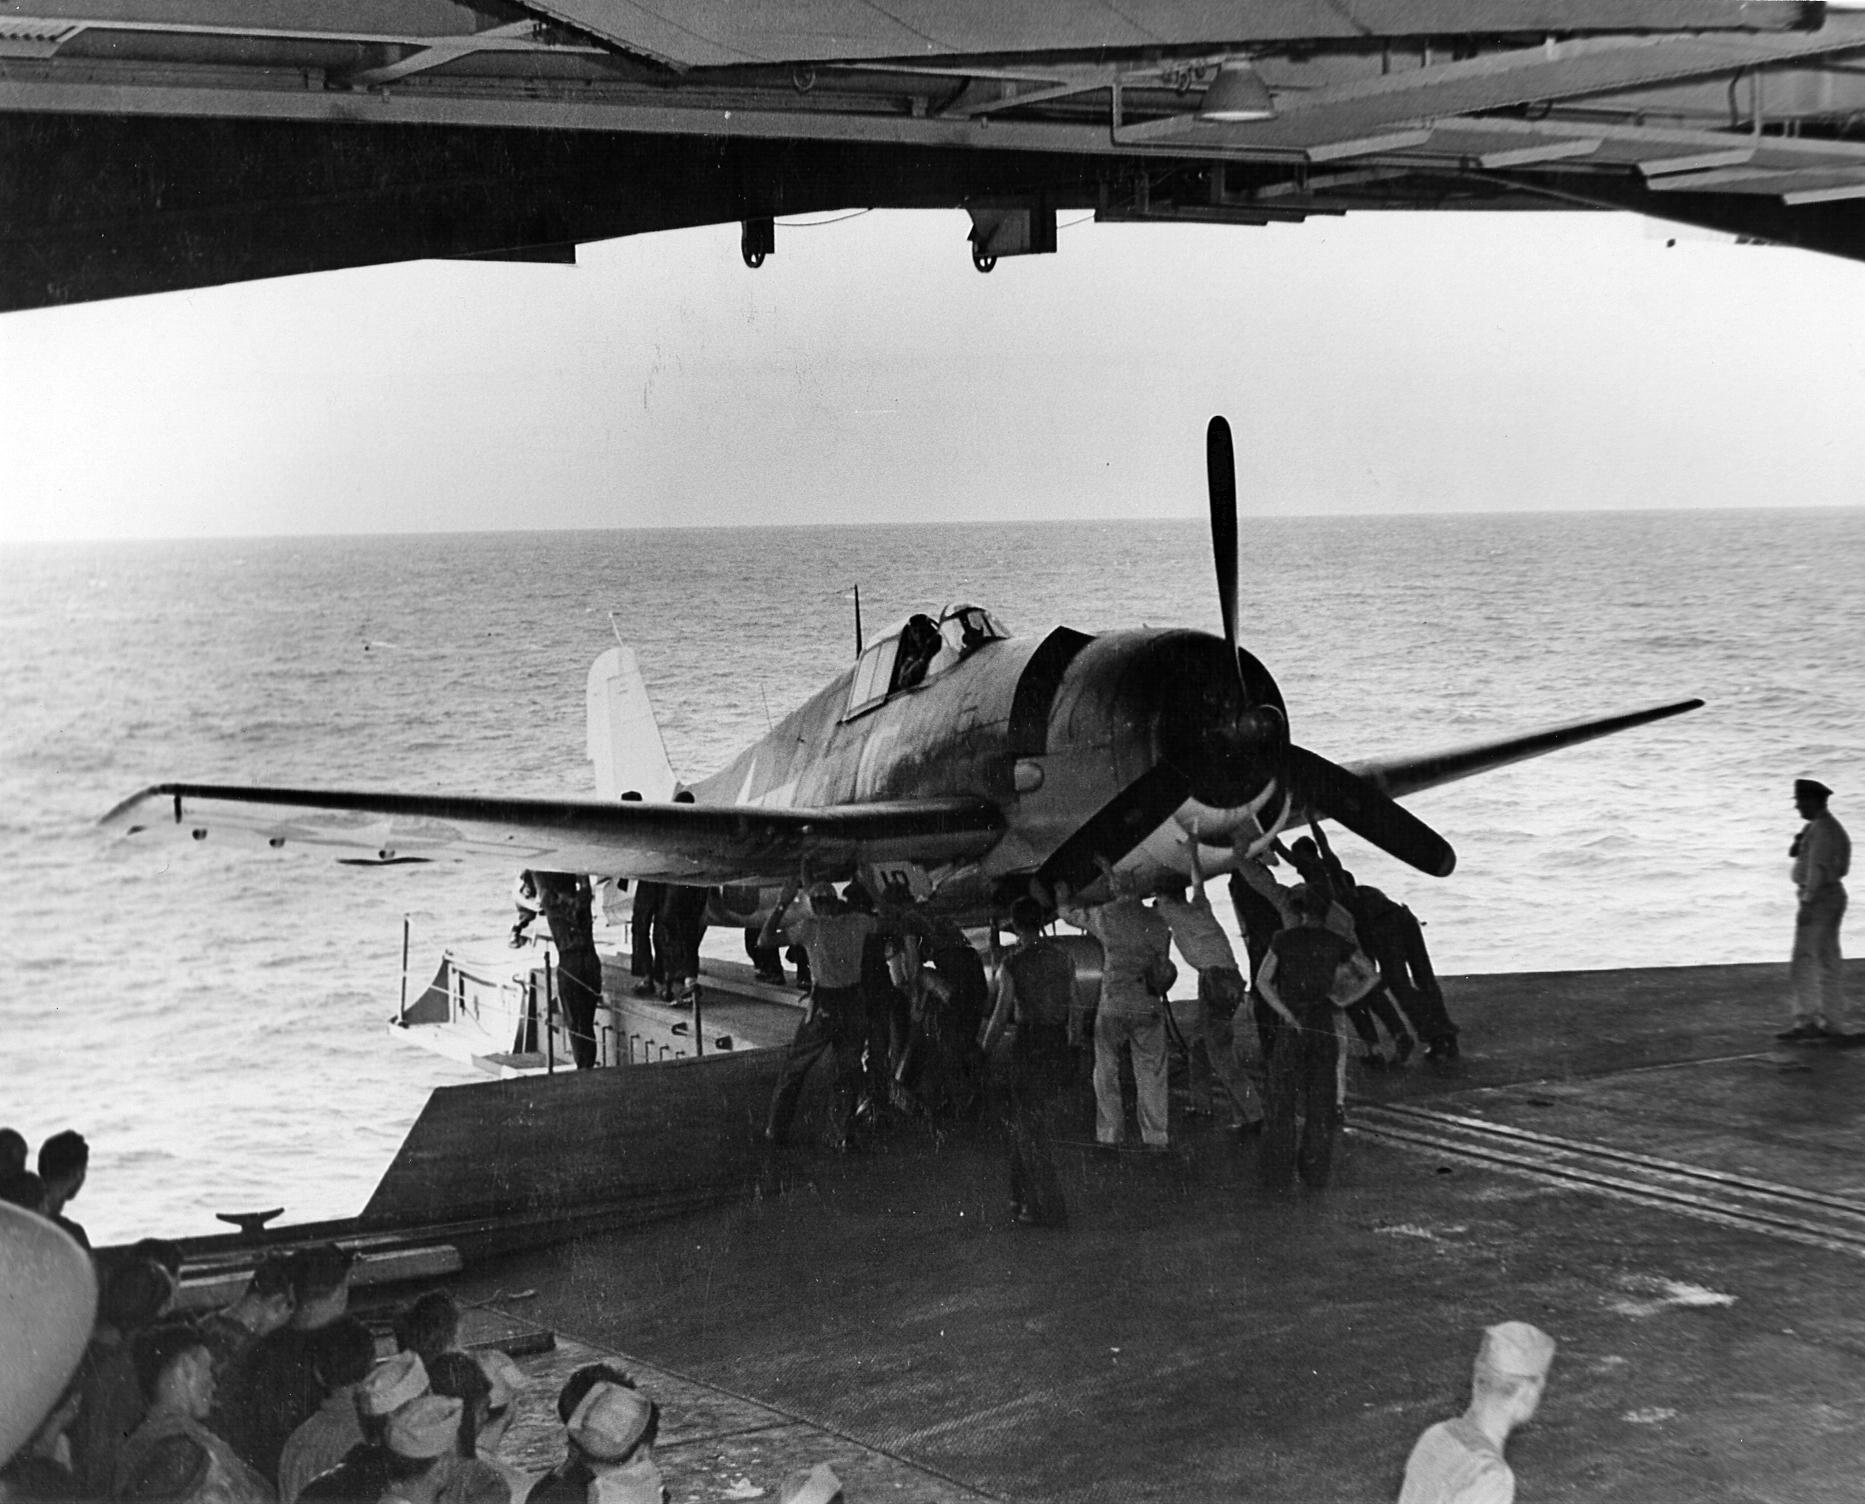 Grumman F6F 3 Hellcat VF 15 being catapulted in a hangar deck launch off CV 12 USS Hornet 01